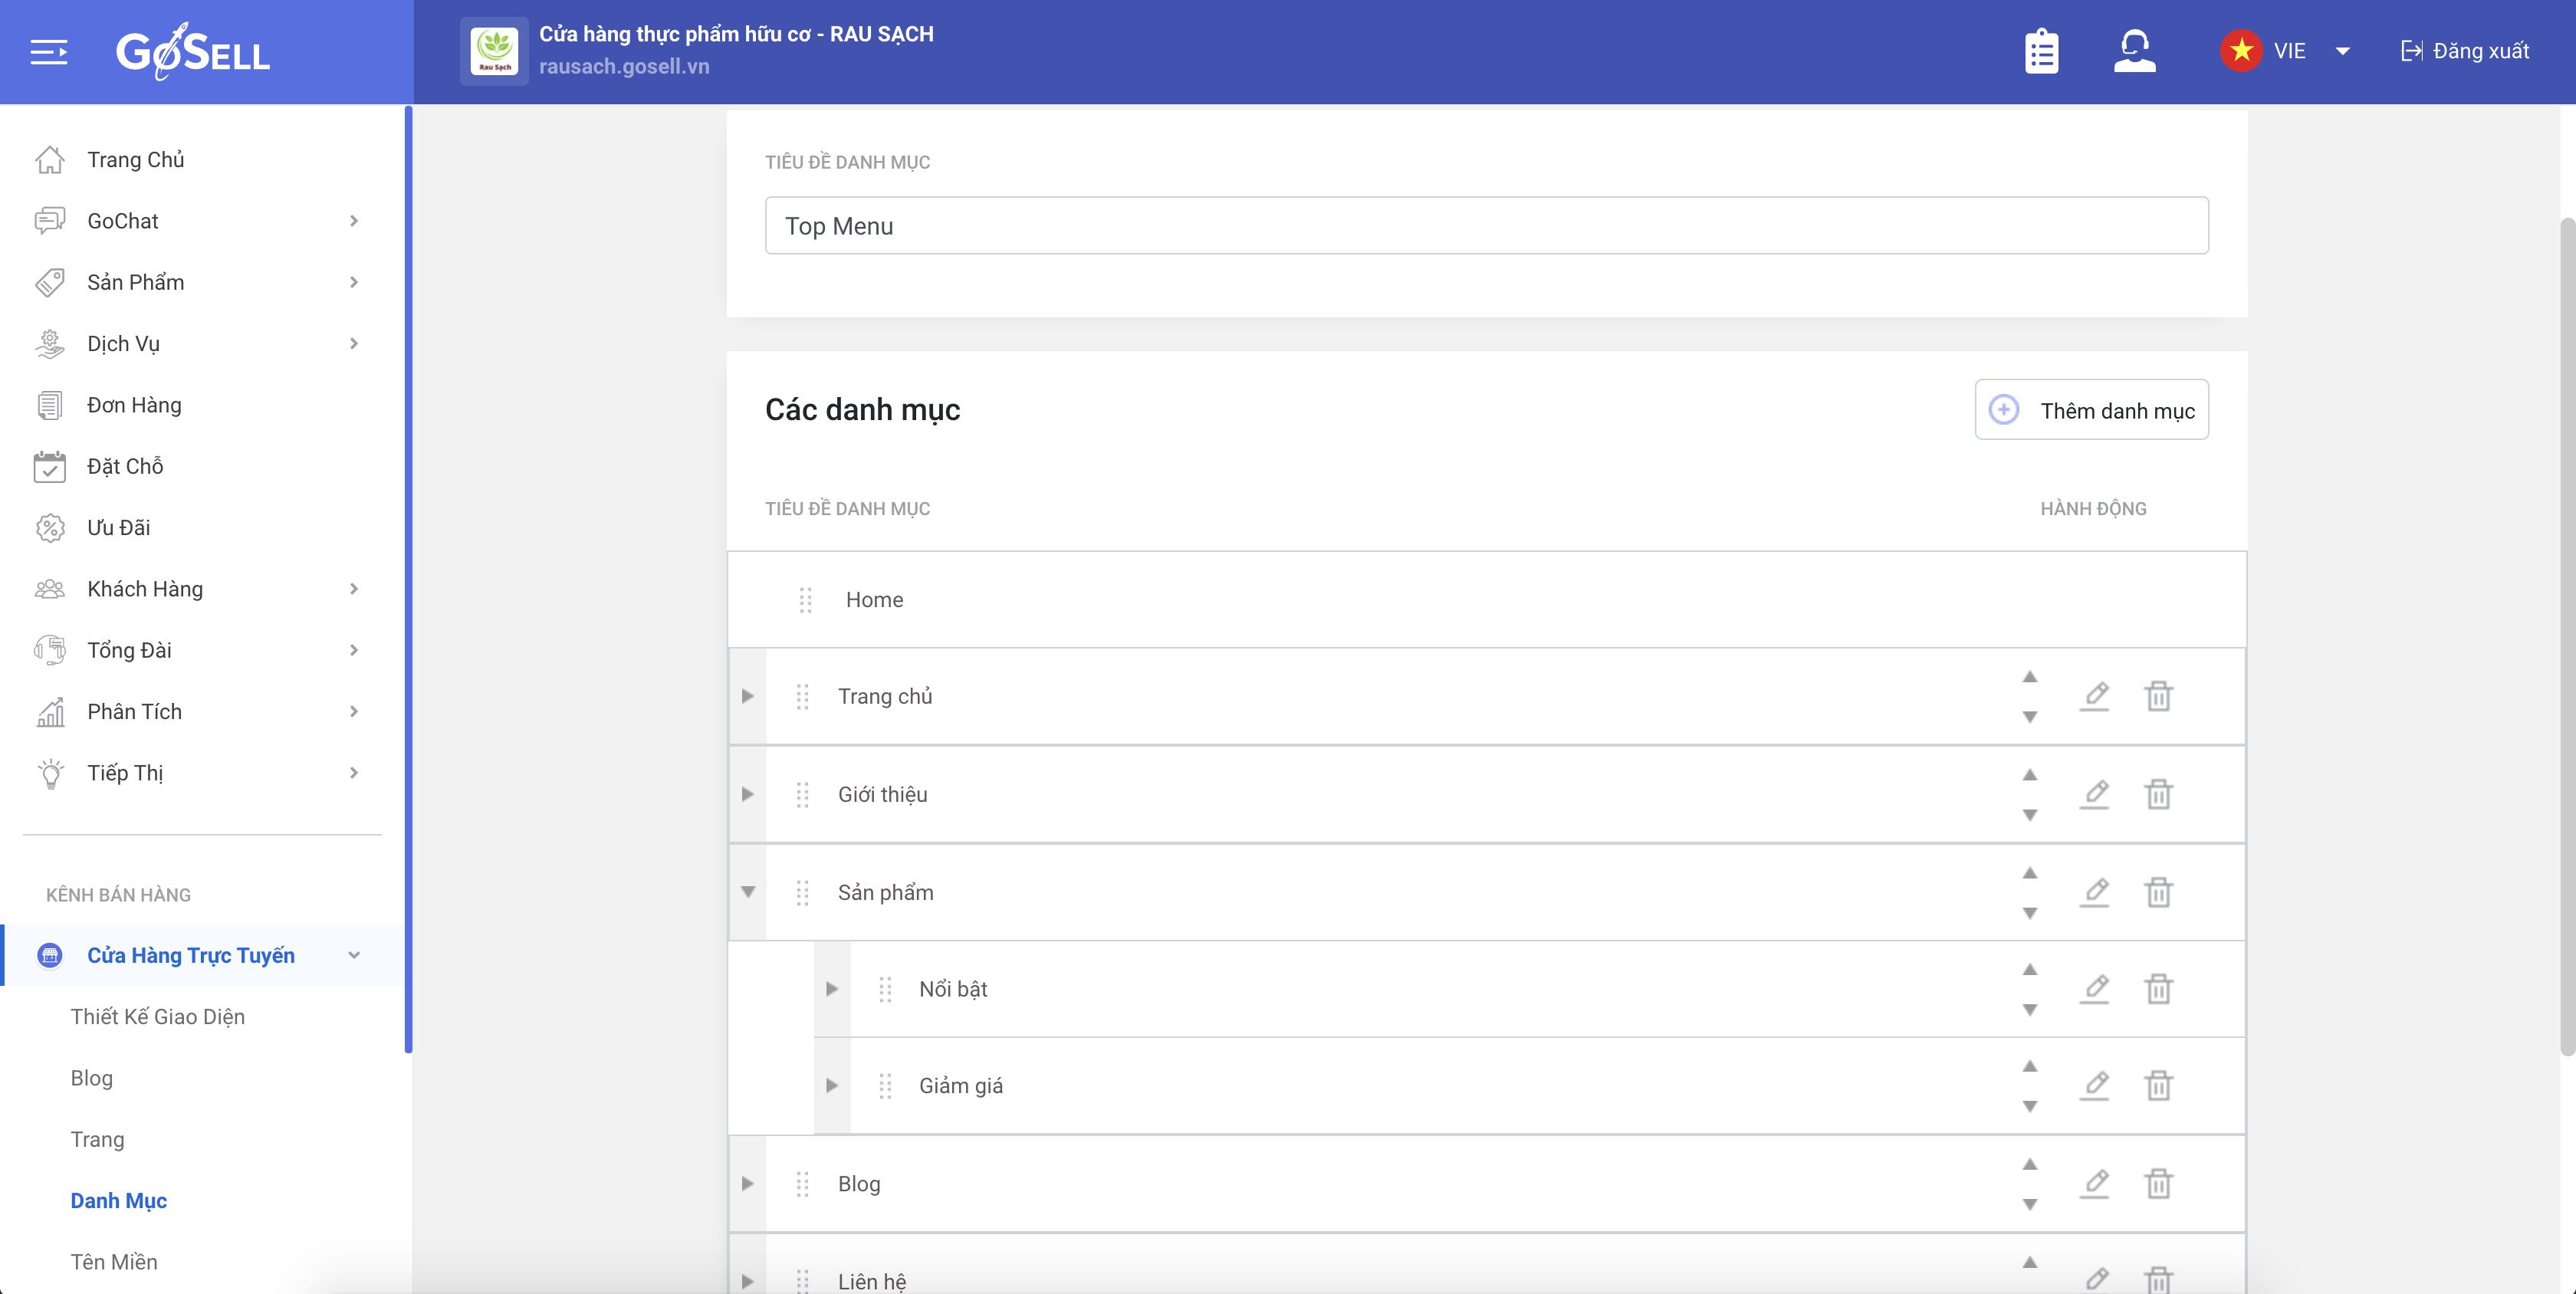 Cách cập nhật danh mục hiển thị trên thanh menu